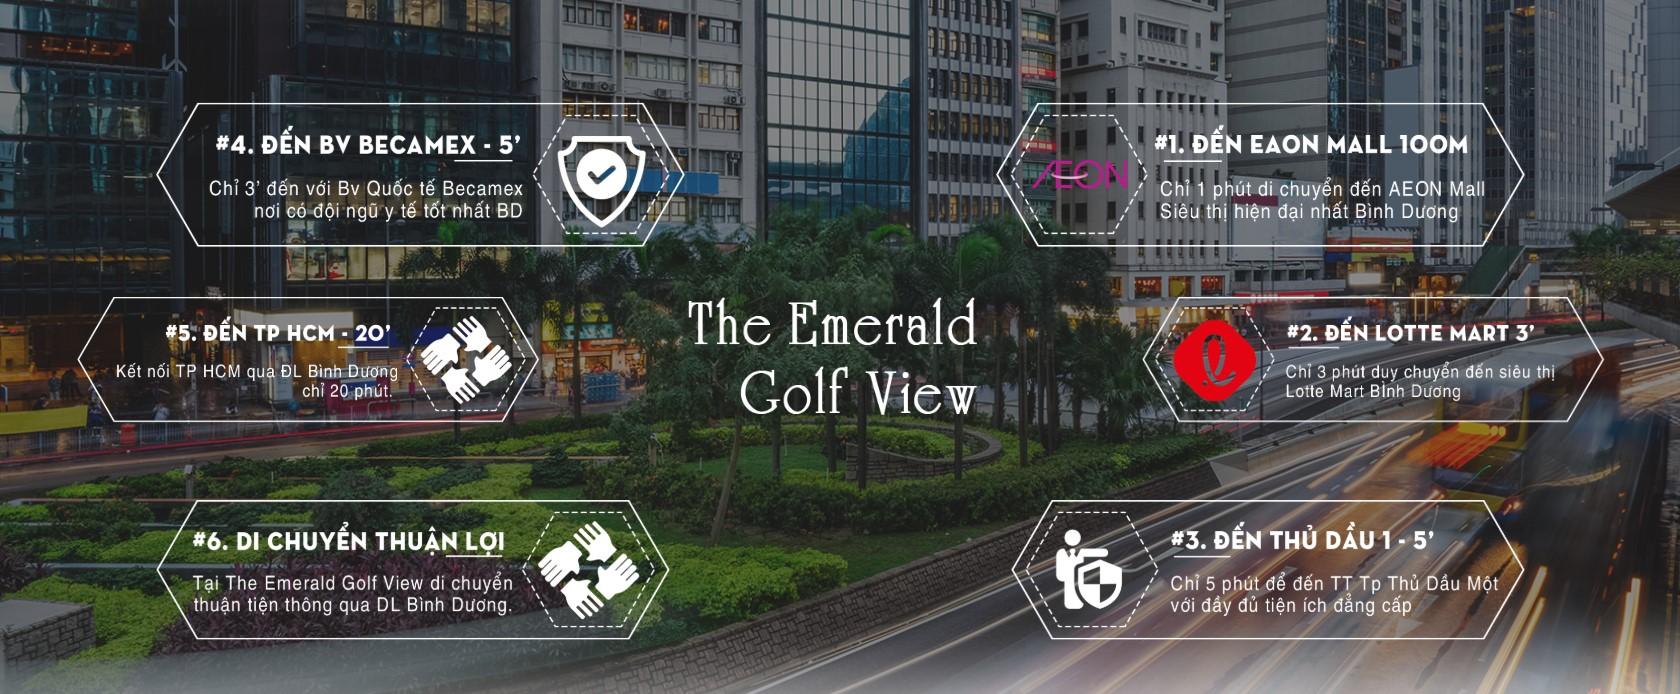 Tiện ích dự án The Emerald Golf View